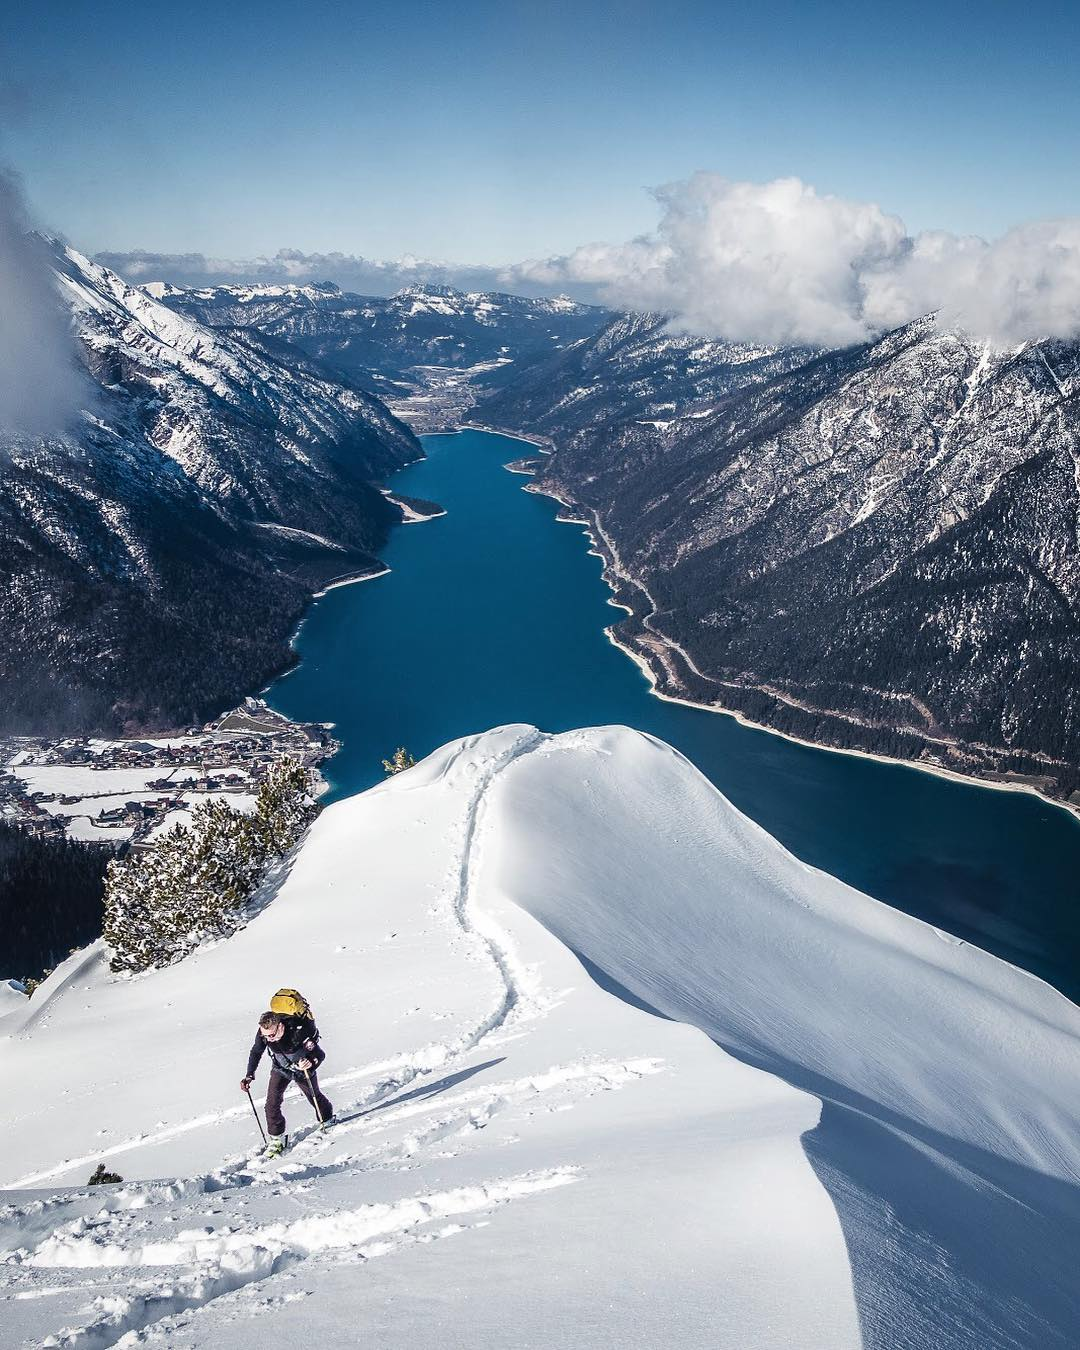 Skitour am Achensee: auf den Bärenkopf mit Thomas (IG: germanadventurer)